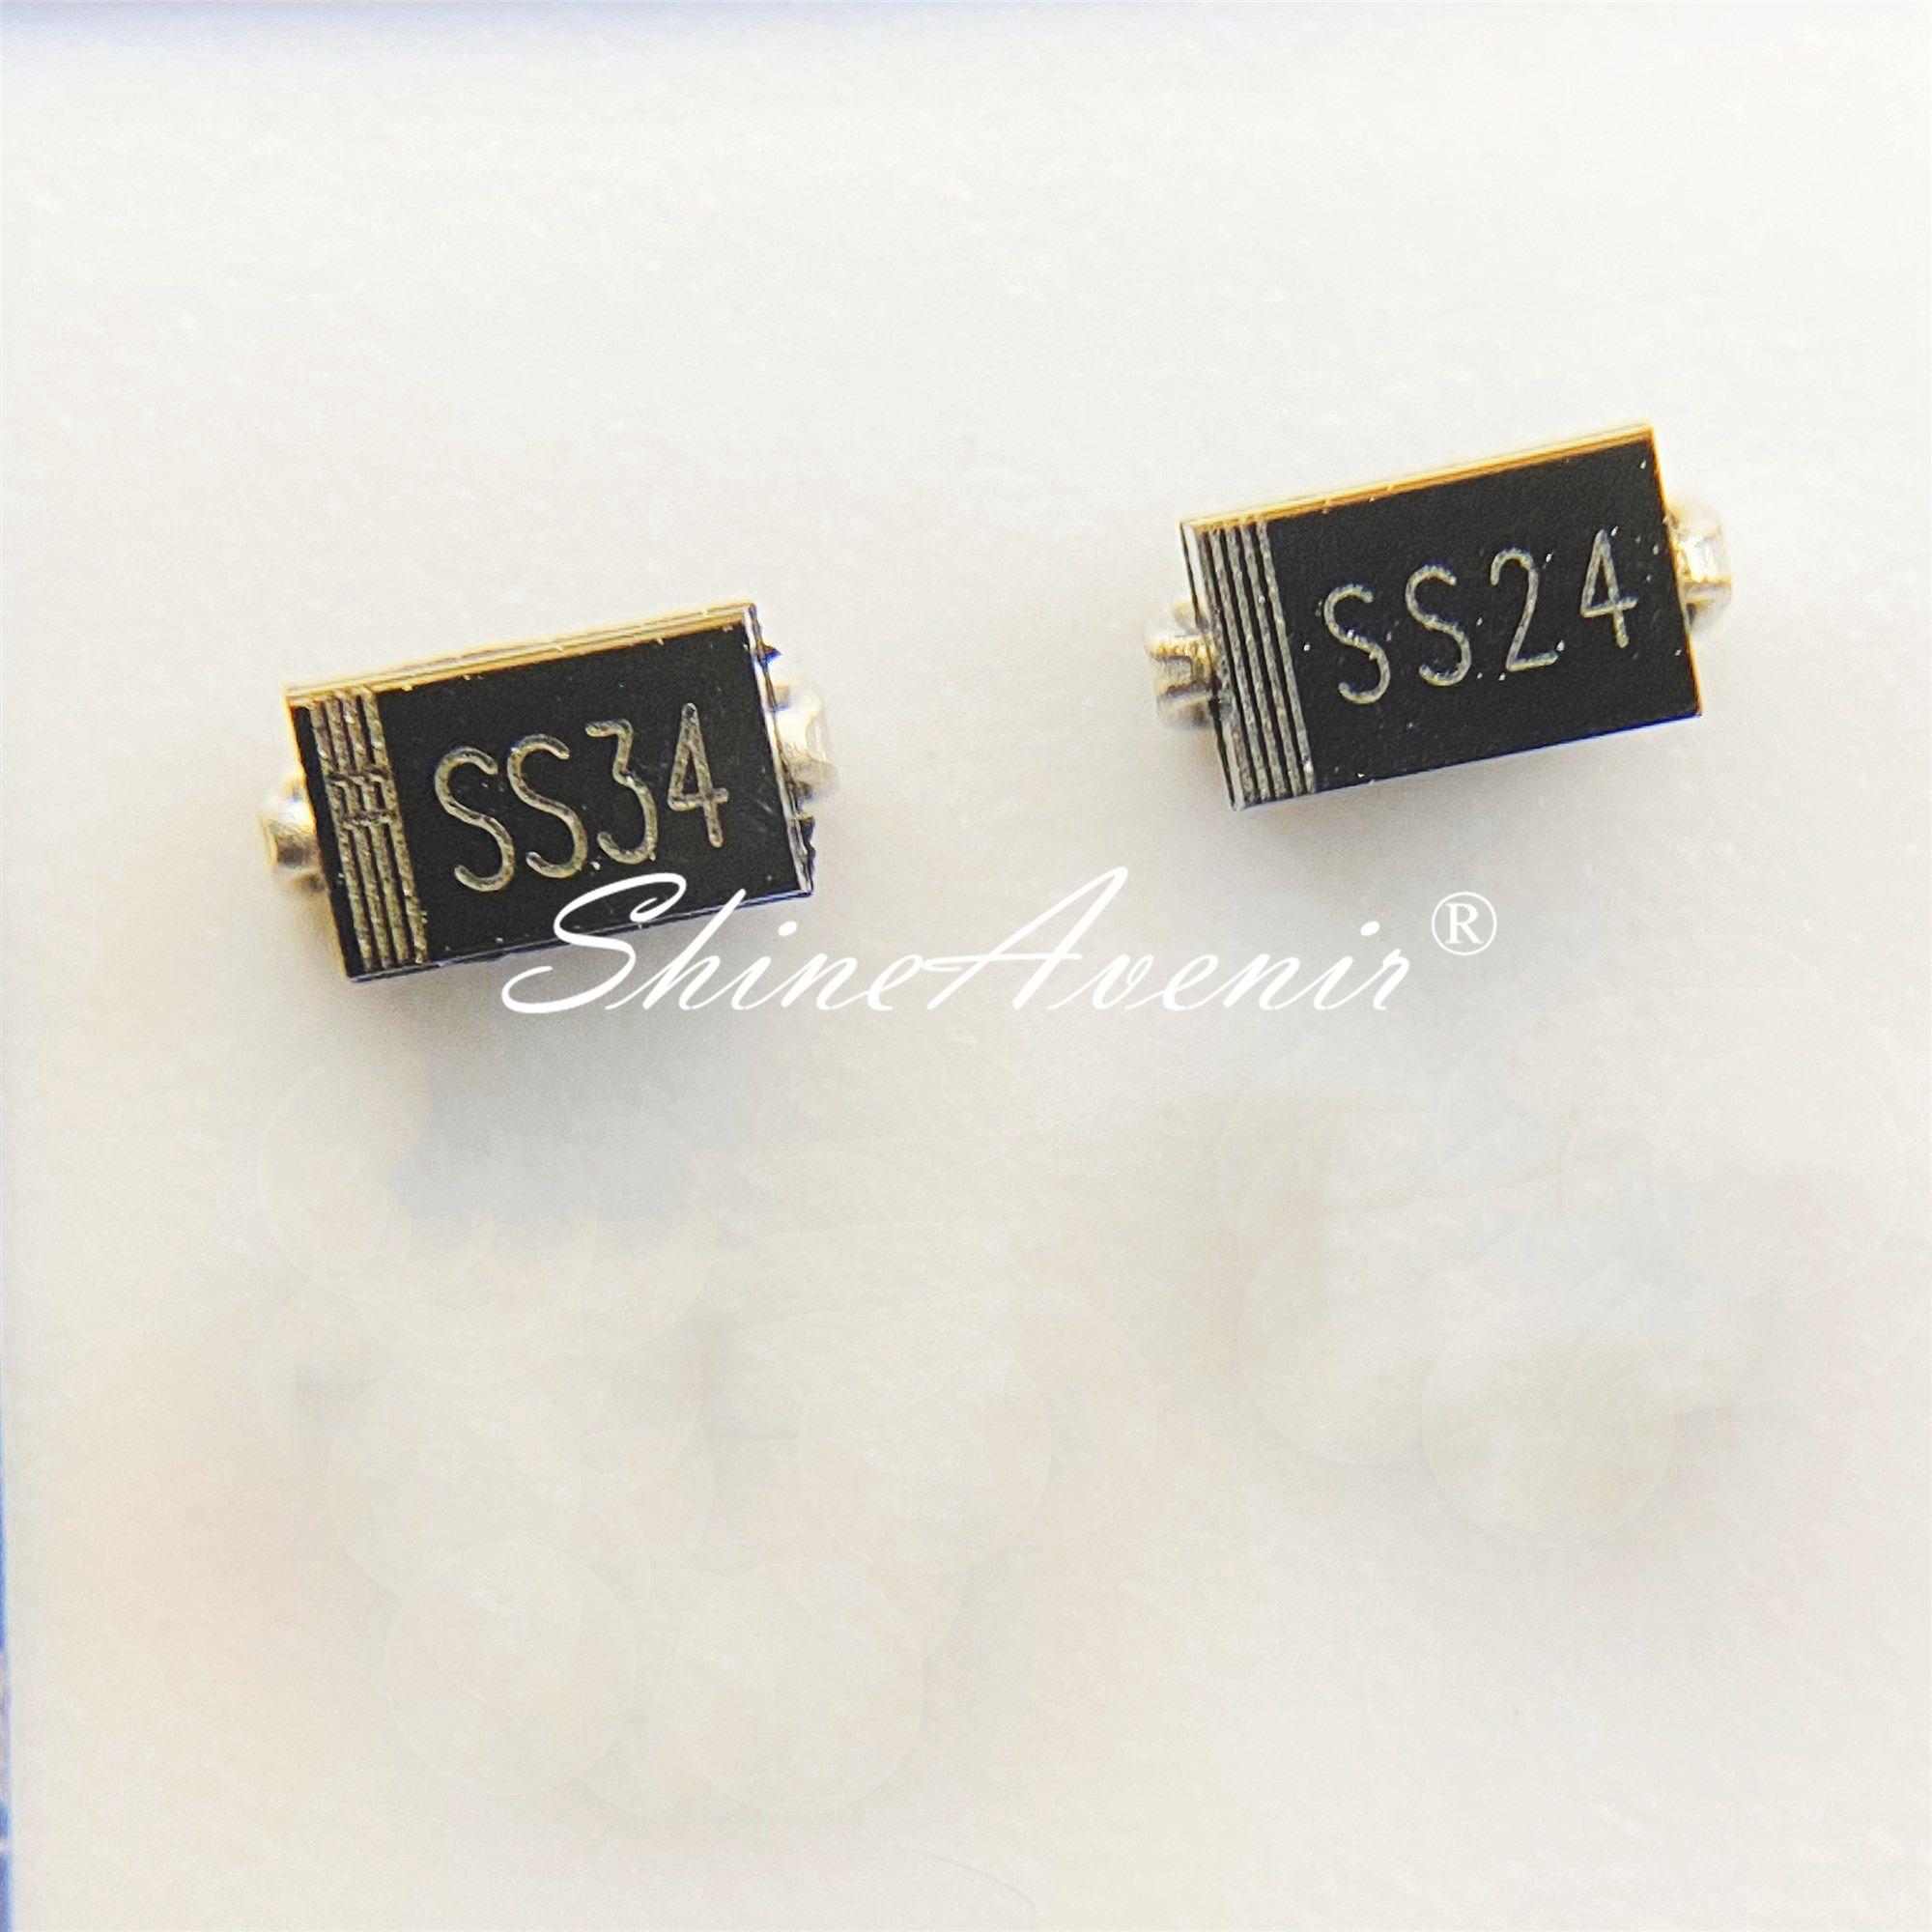 50 шт./лот диод Шоттки SS56 SS54 SS52 SS36 SS34 SS32 SS26 SS24 SS23 SS22 SS18 SS16 SS15 SS14 SS13 SS12 SMA DO-214AC оригинал